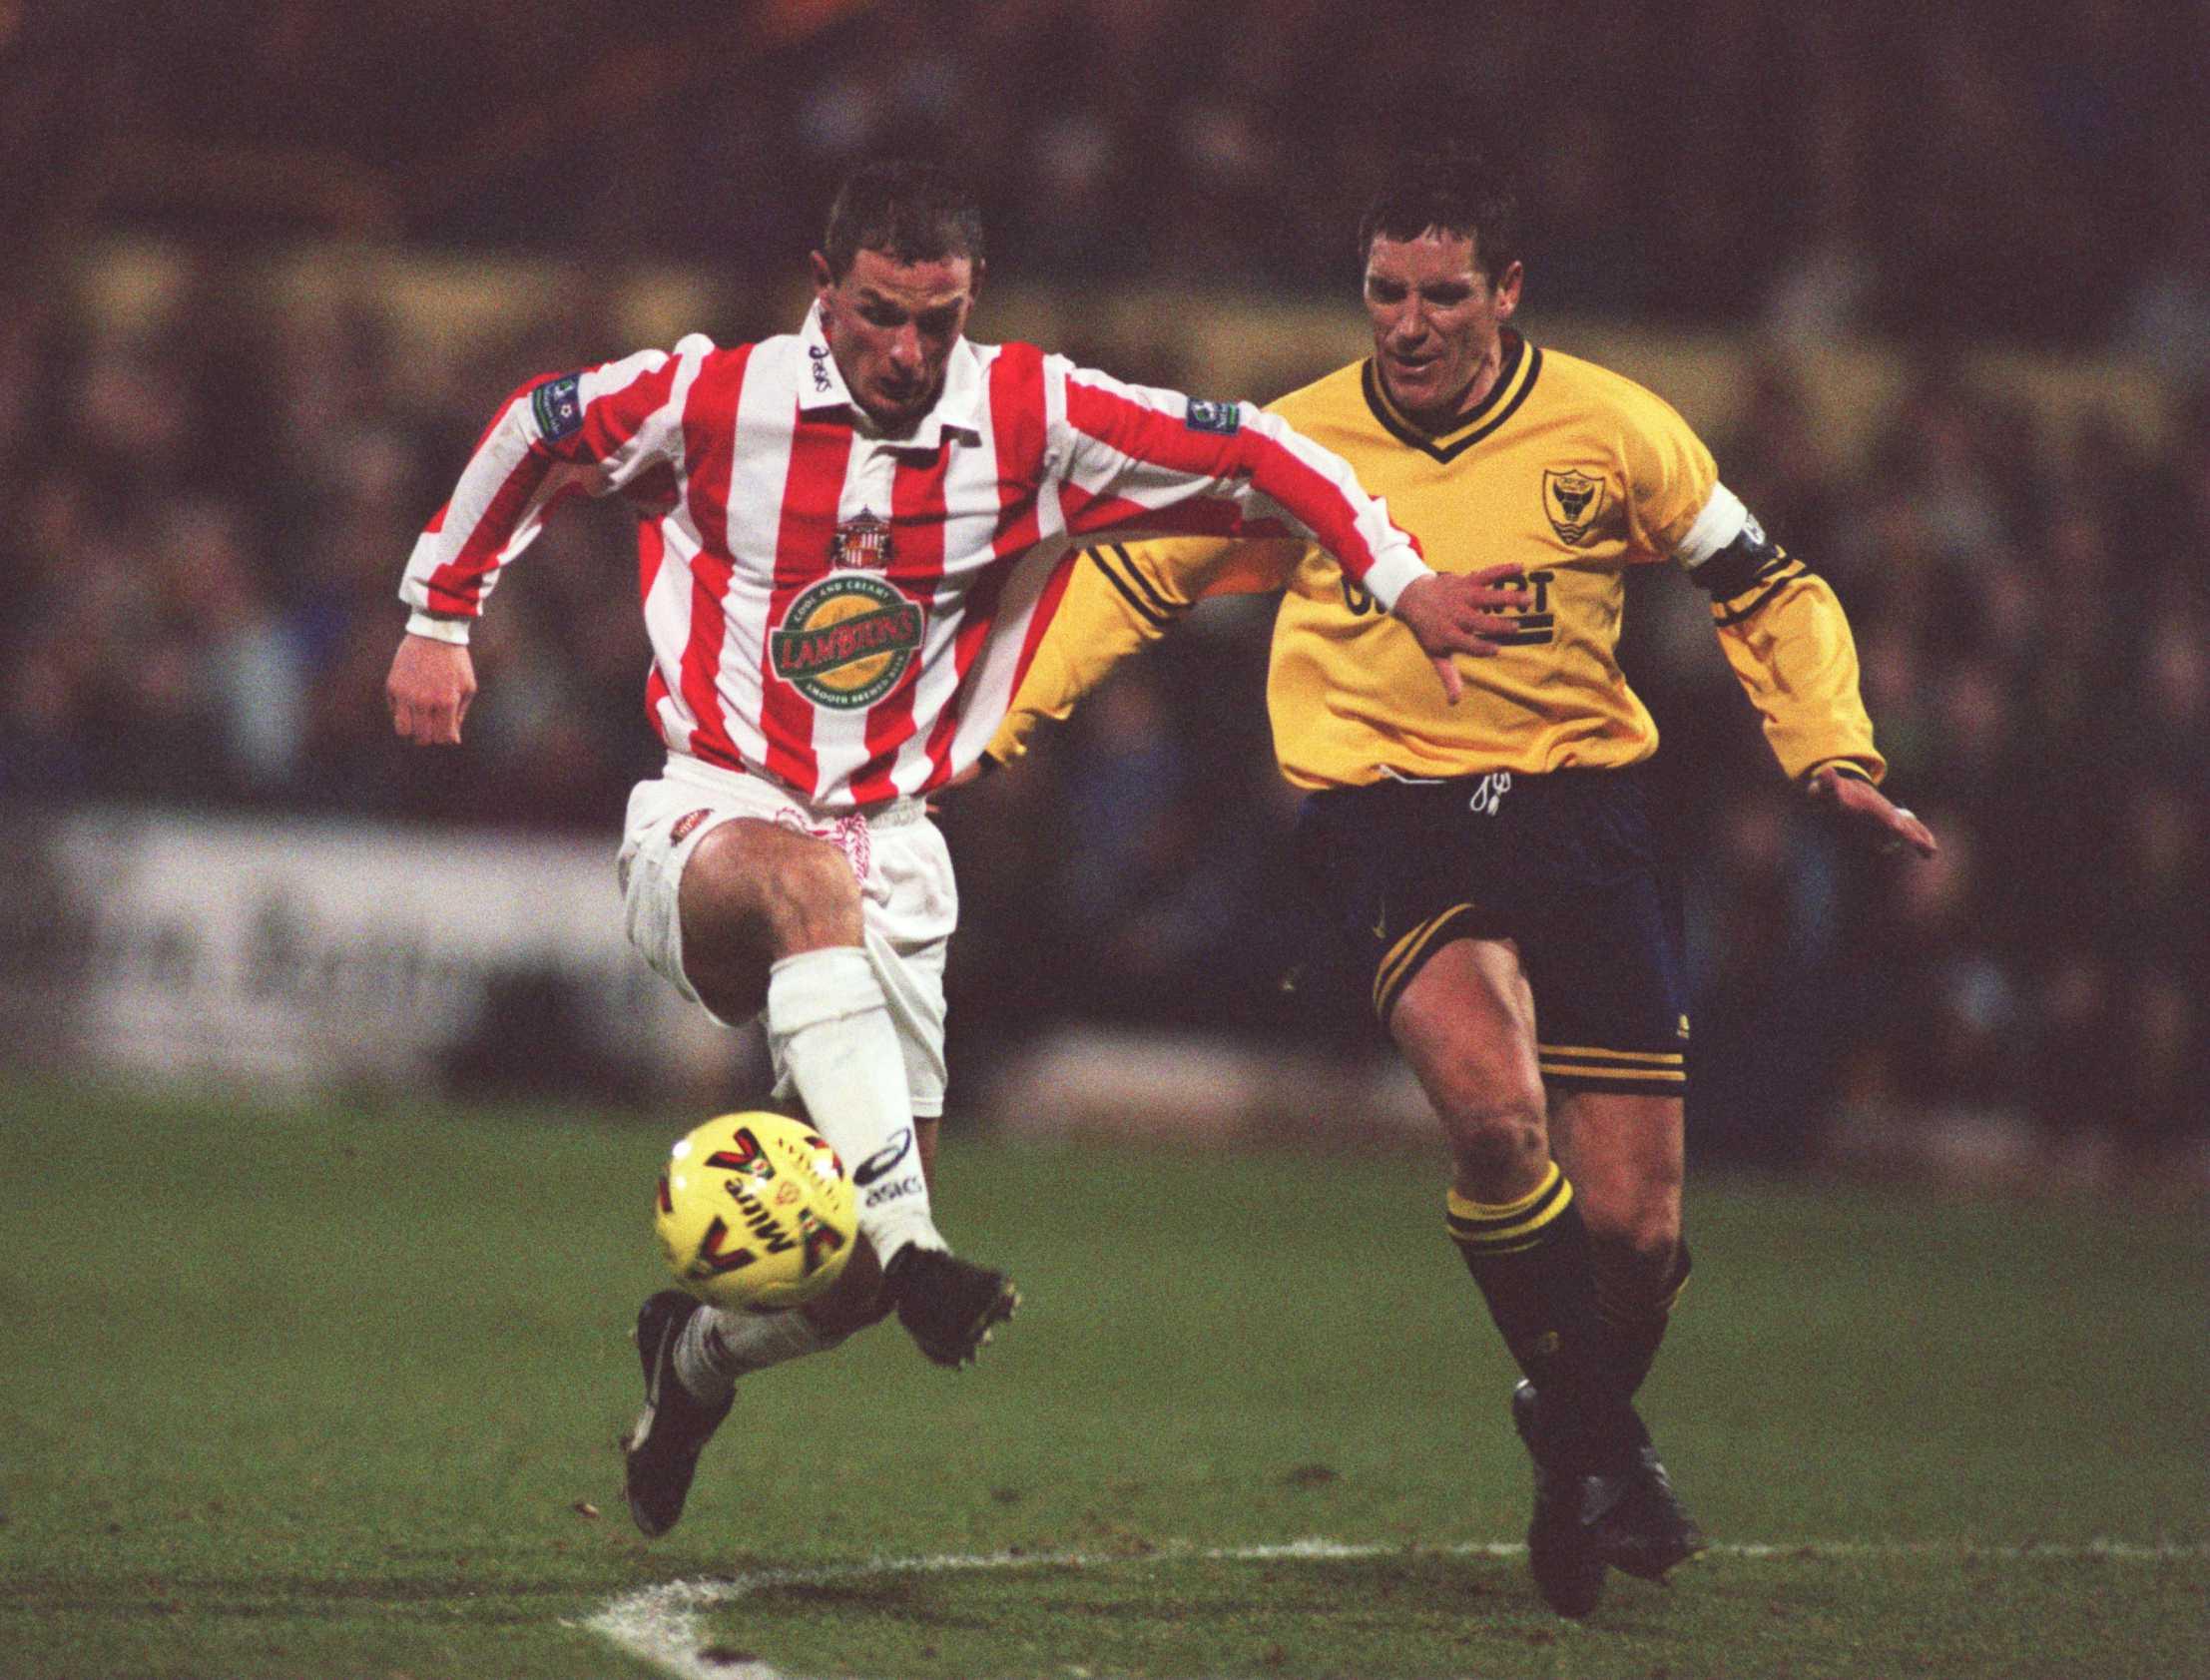 Soccer - Nationwide League Division One - Oxford United v Sunderland